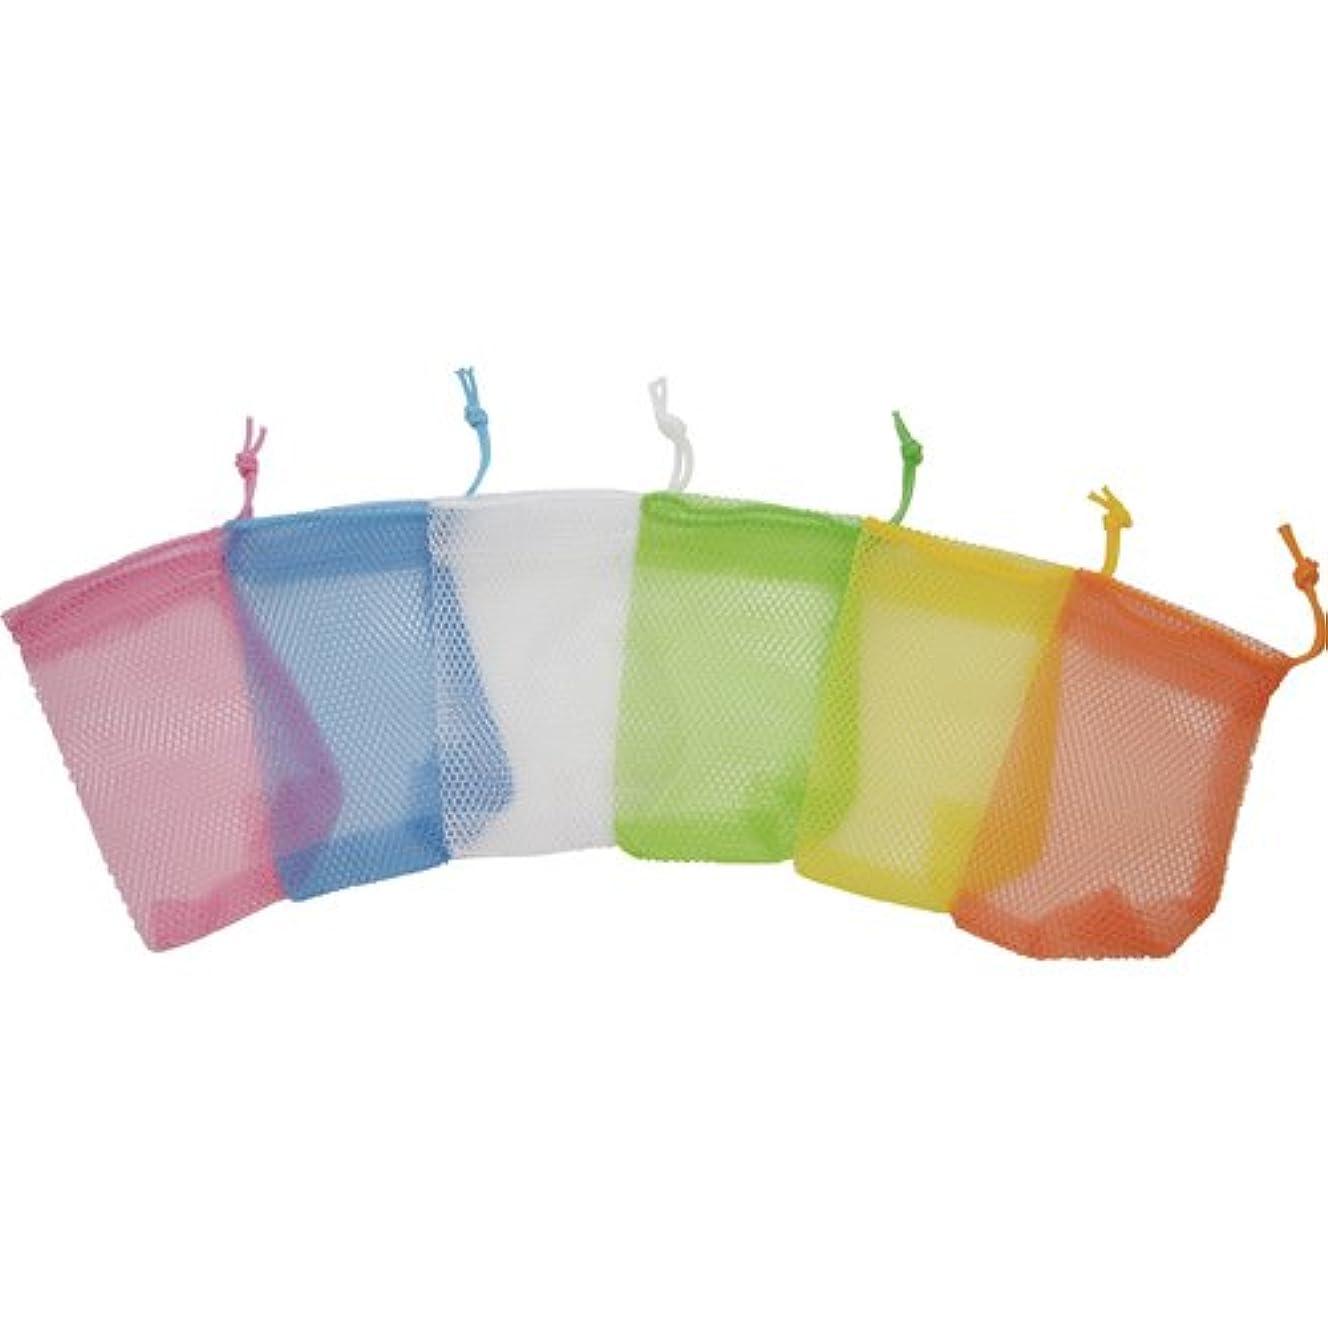 許可する大洪水徐々にsanwa(サンワ) 石鹸ネット ひもタイプ 6色アソート 24枚組 101551